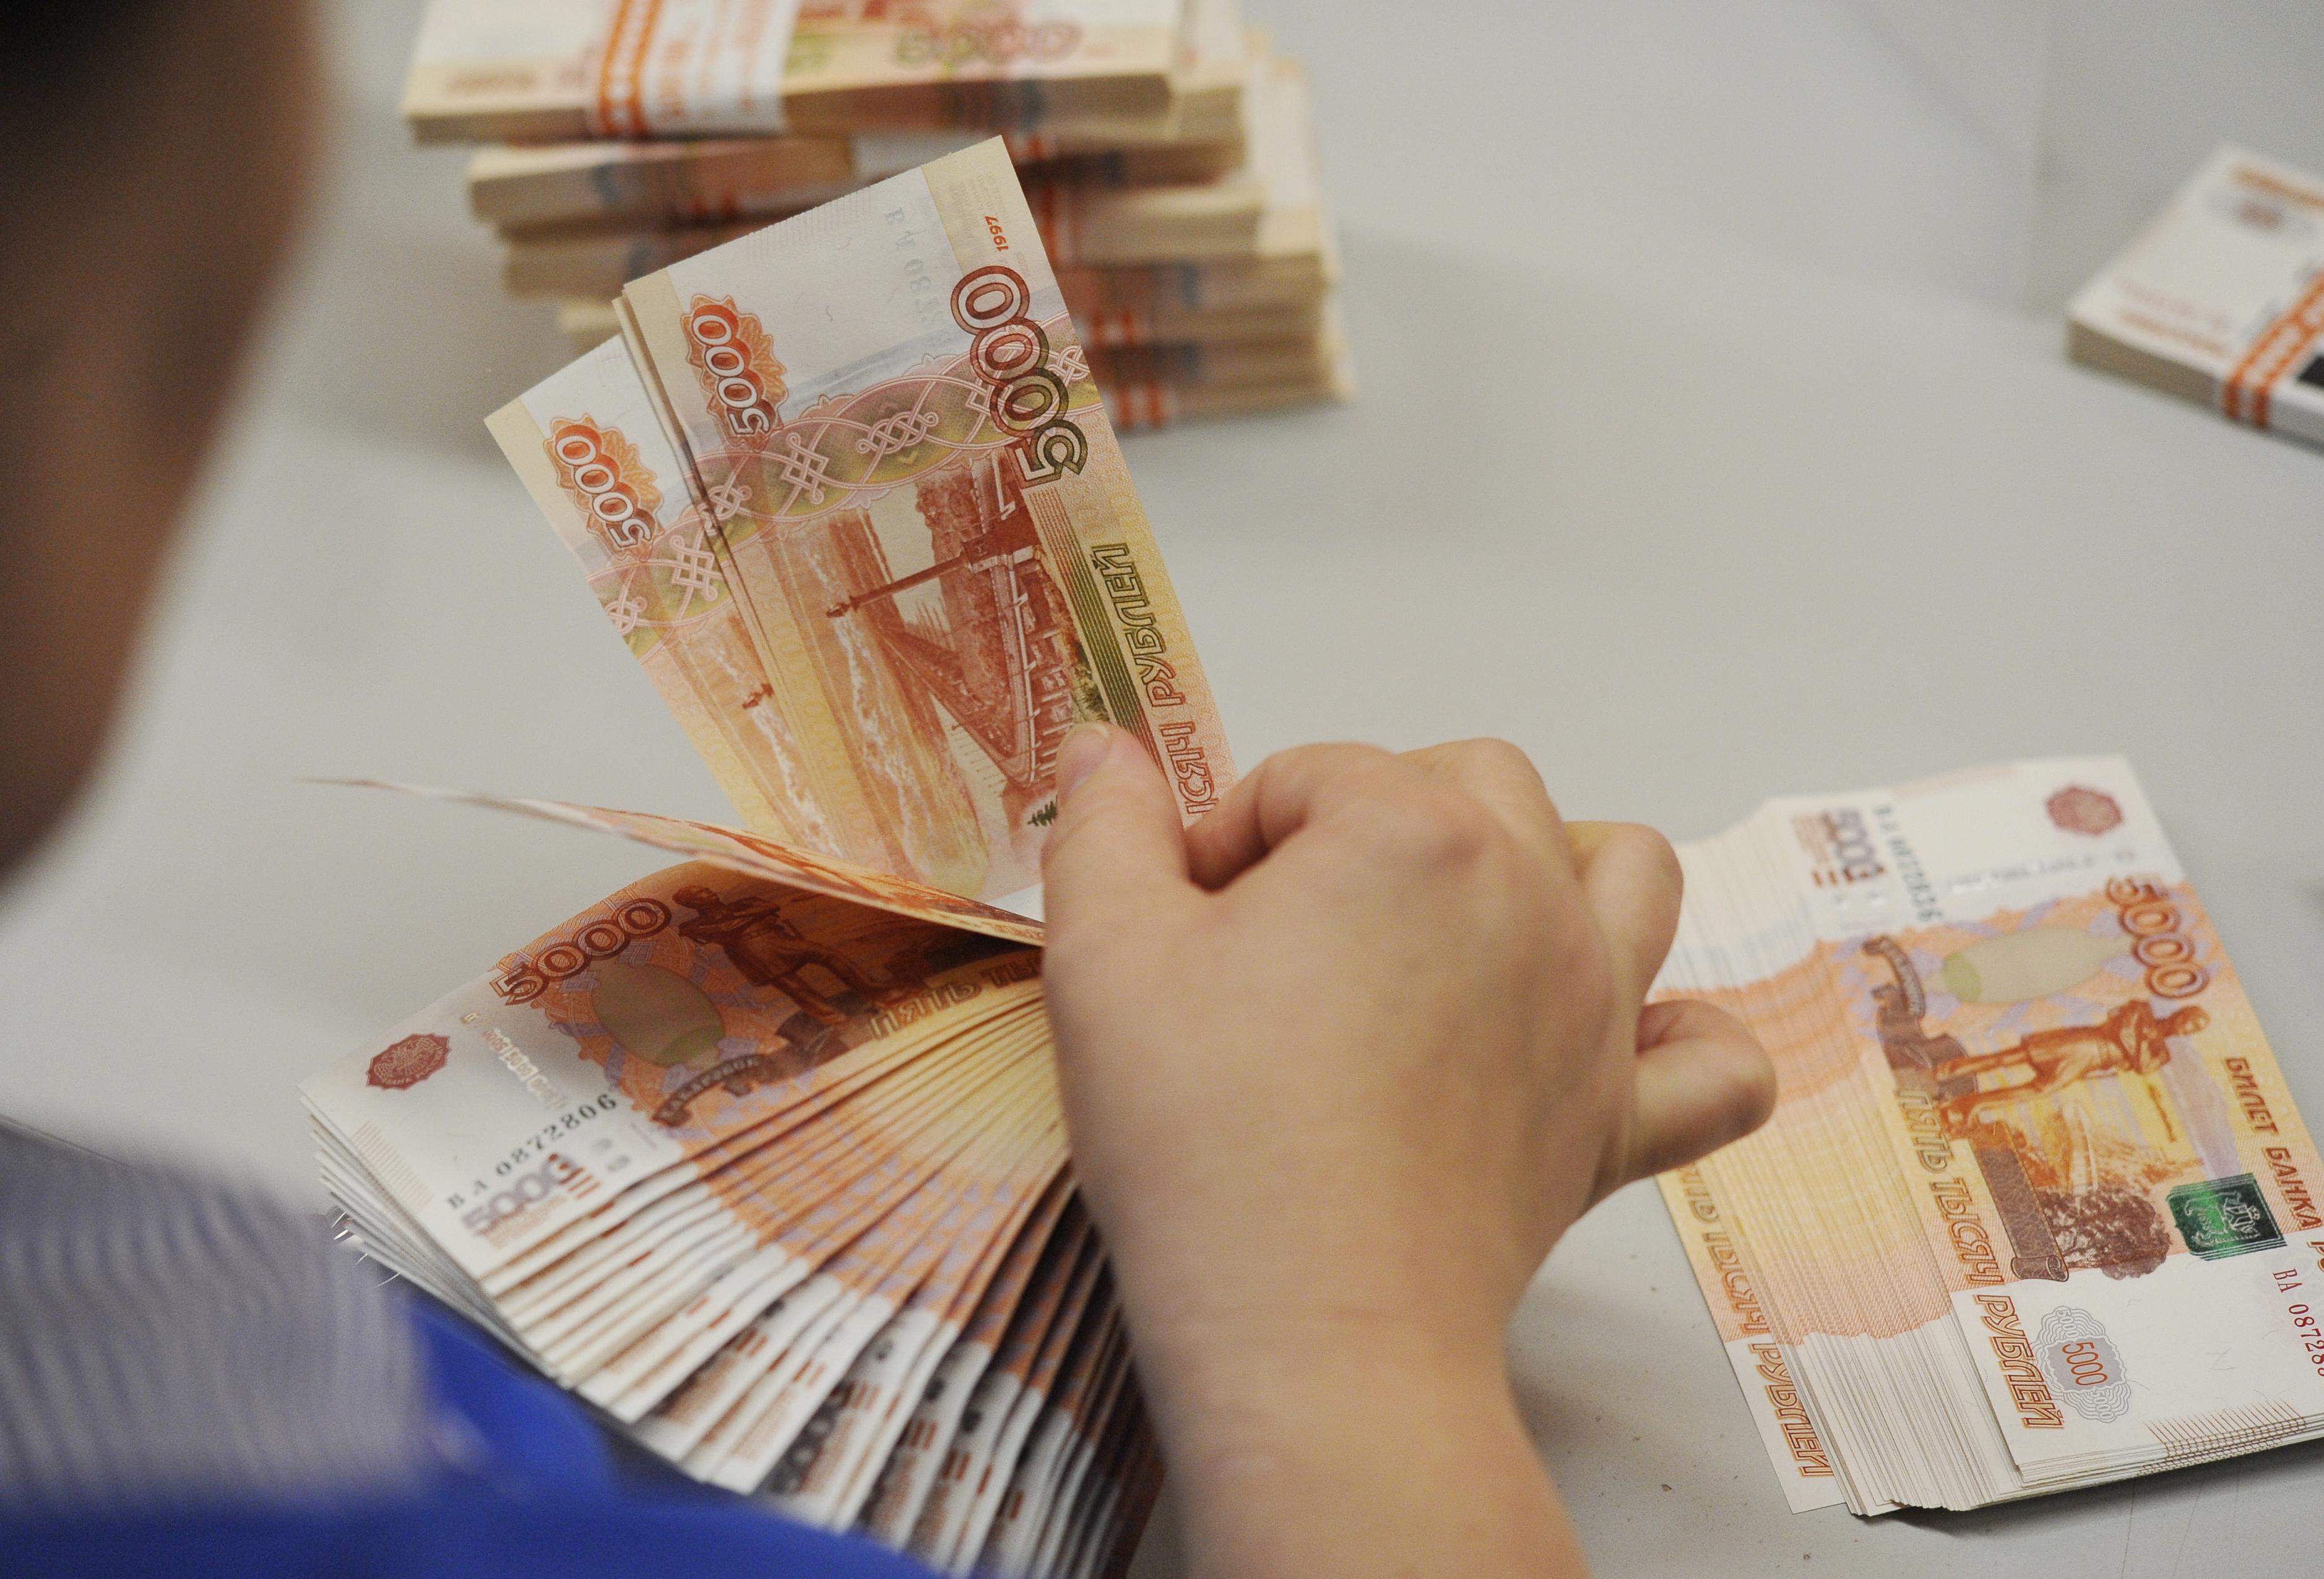 фото в руках денег россии многу раз, спина